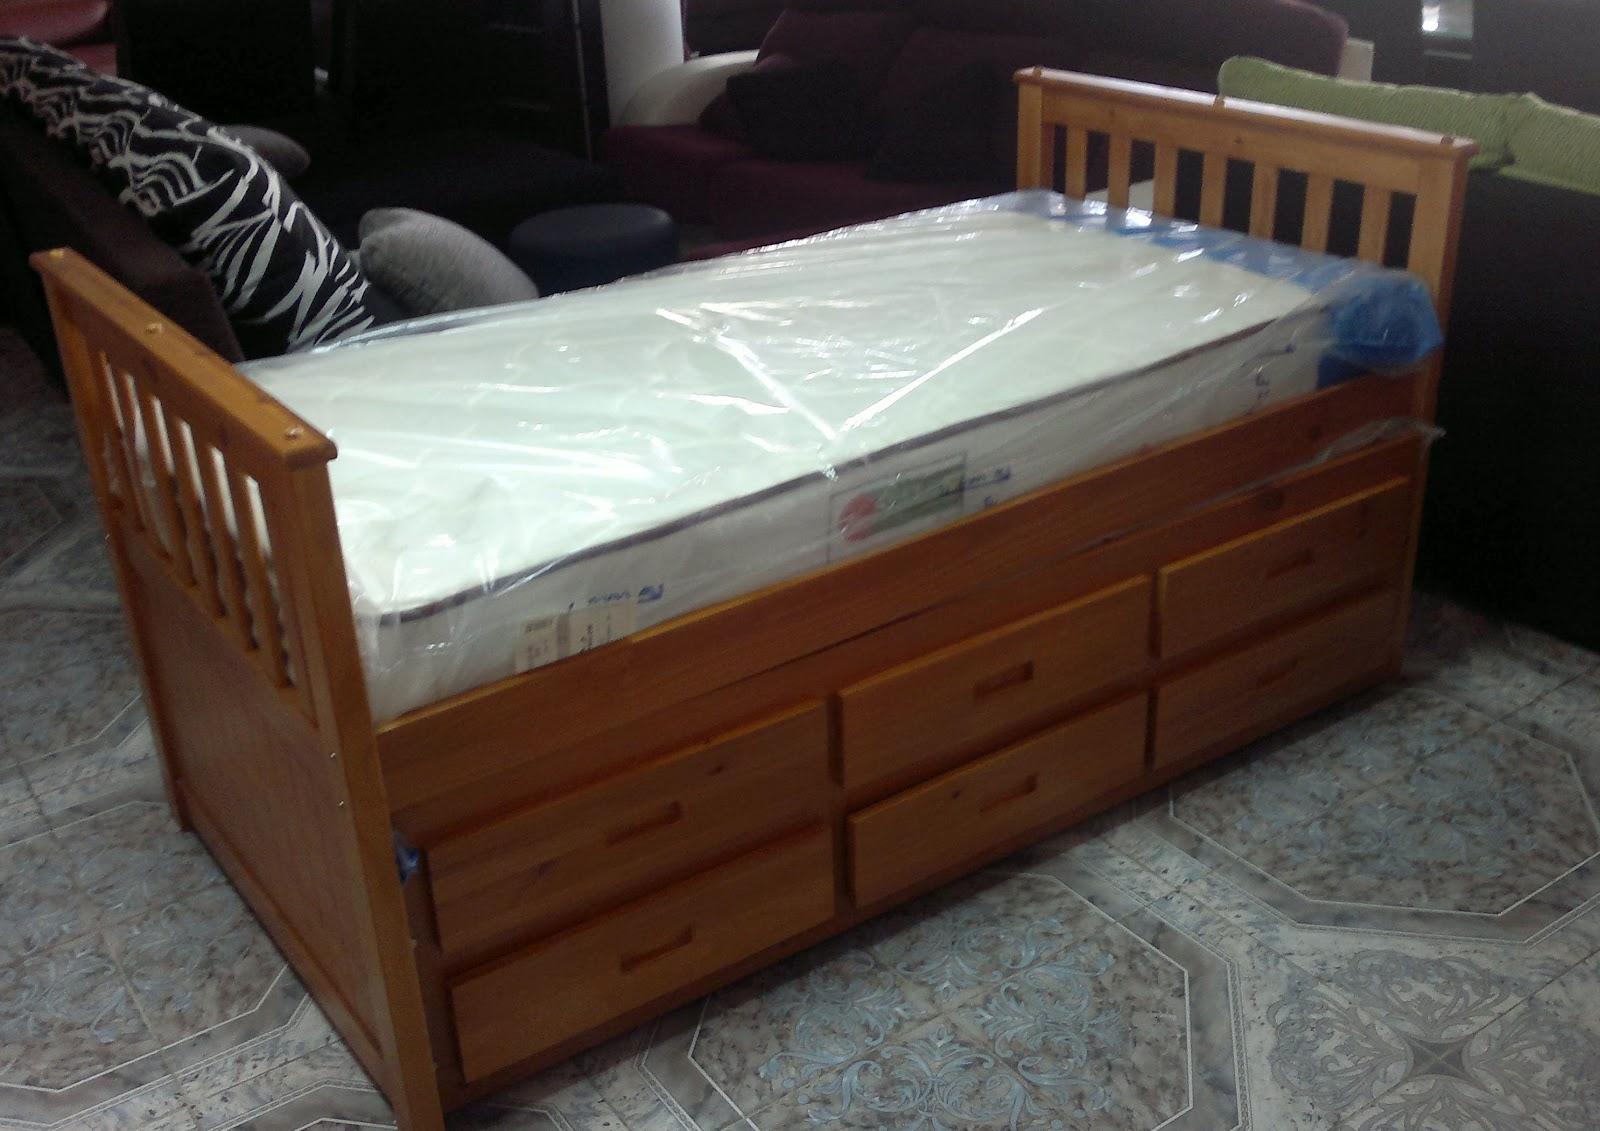 Karruzel del hogar cama nido for Muebles drago